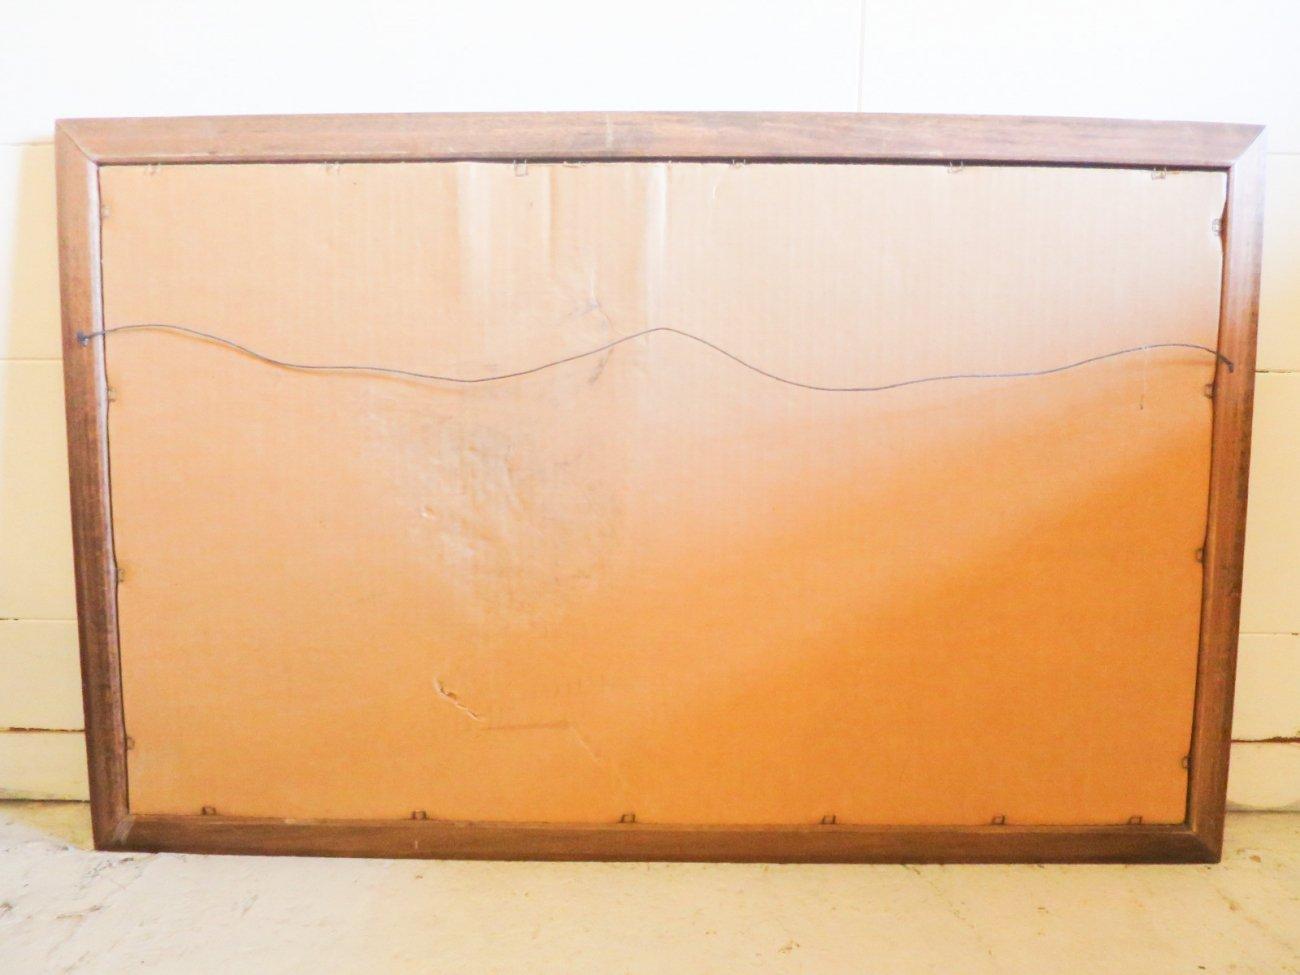 L/ö schdeckenbeh/ä lter aus Stahlblech, 30x30x8cm, mit L/ö schdecke 1,6m x 1,8m Vertrieb Andris Brandschutz